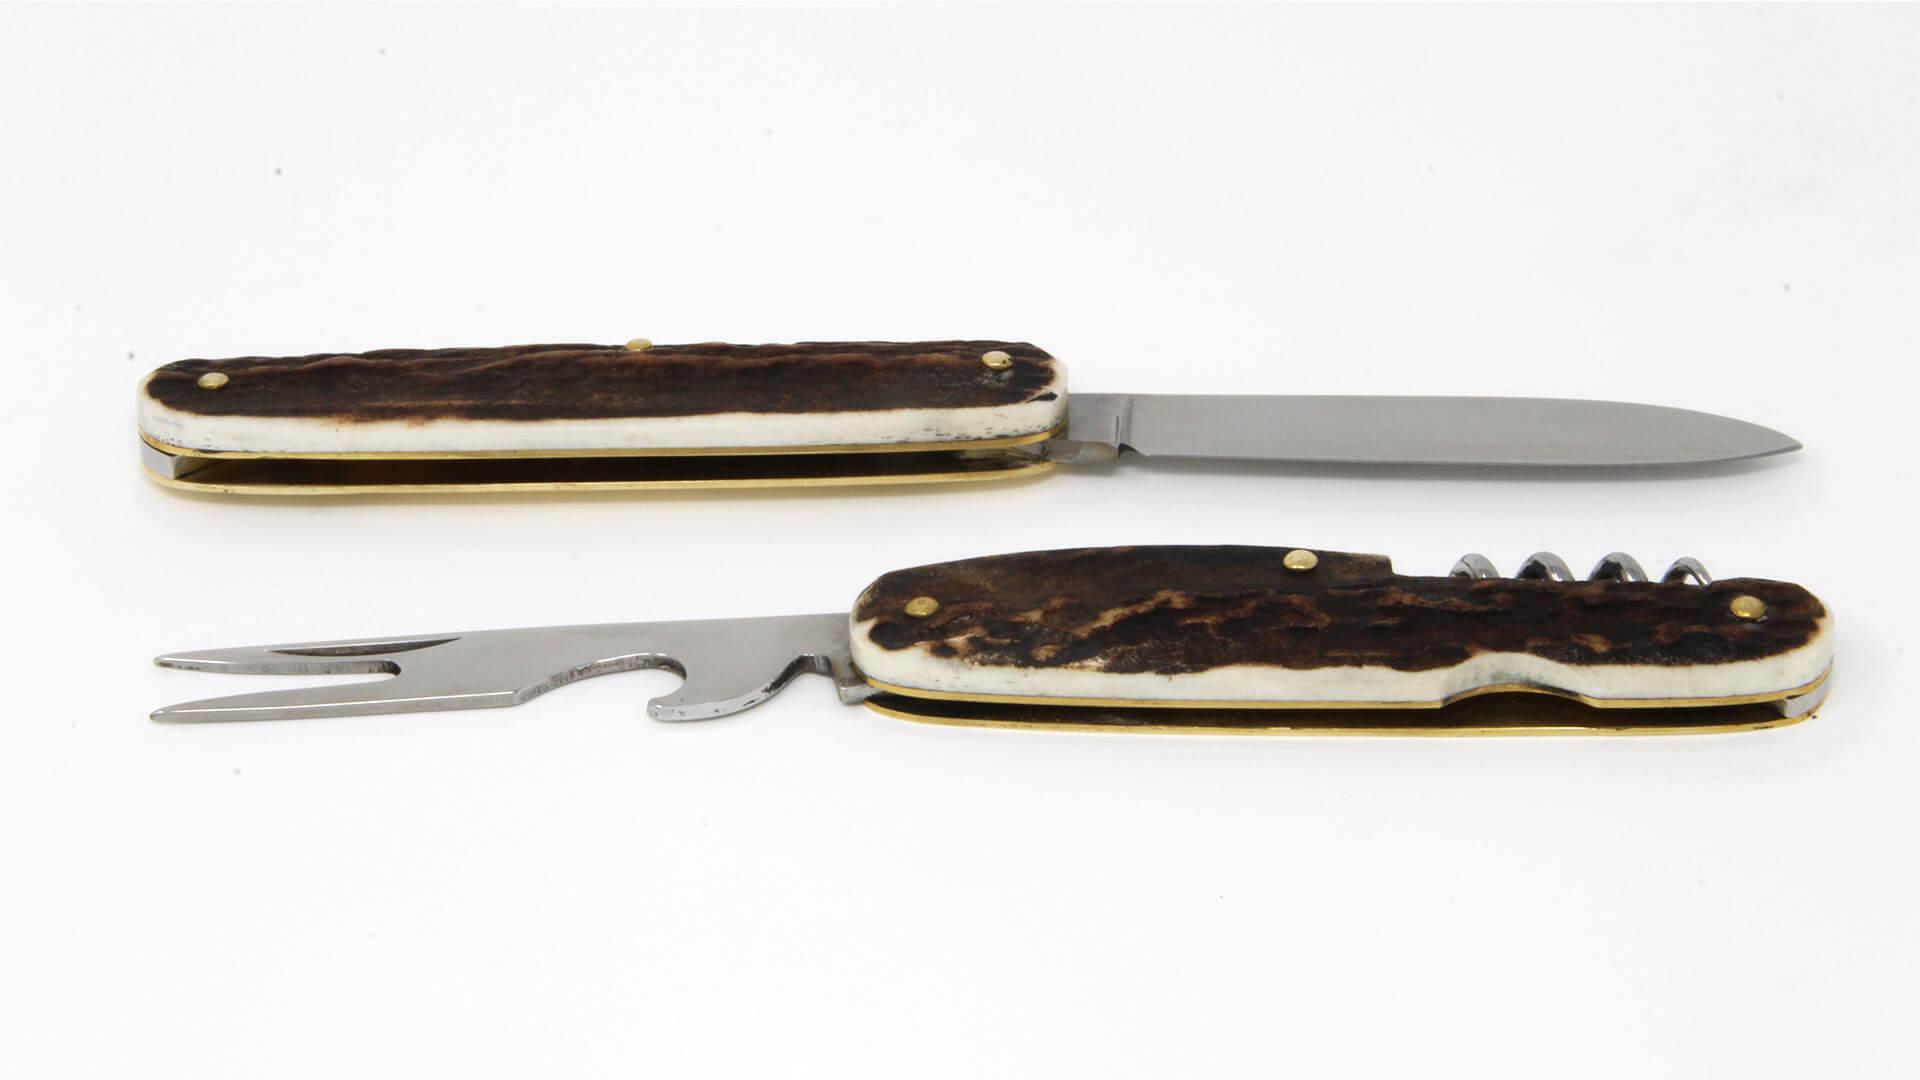 Hubertus Bestecktaschenmesser